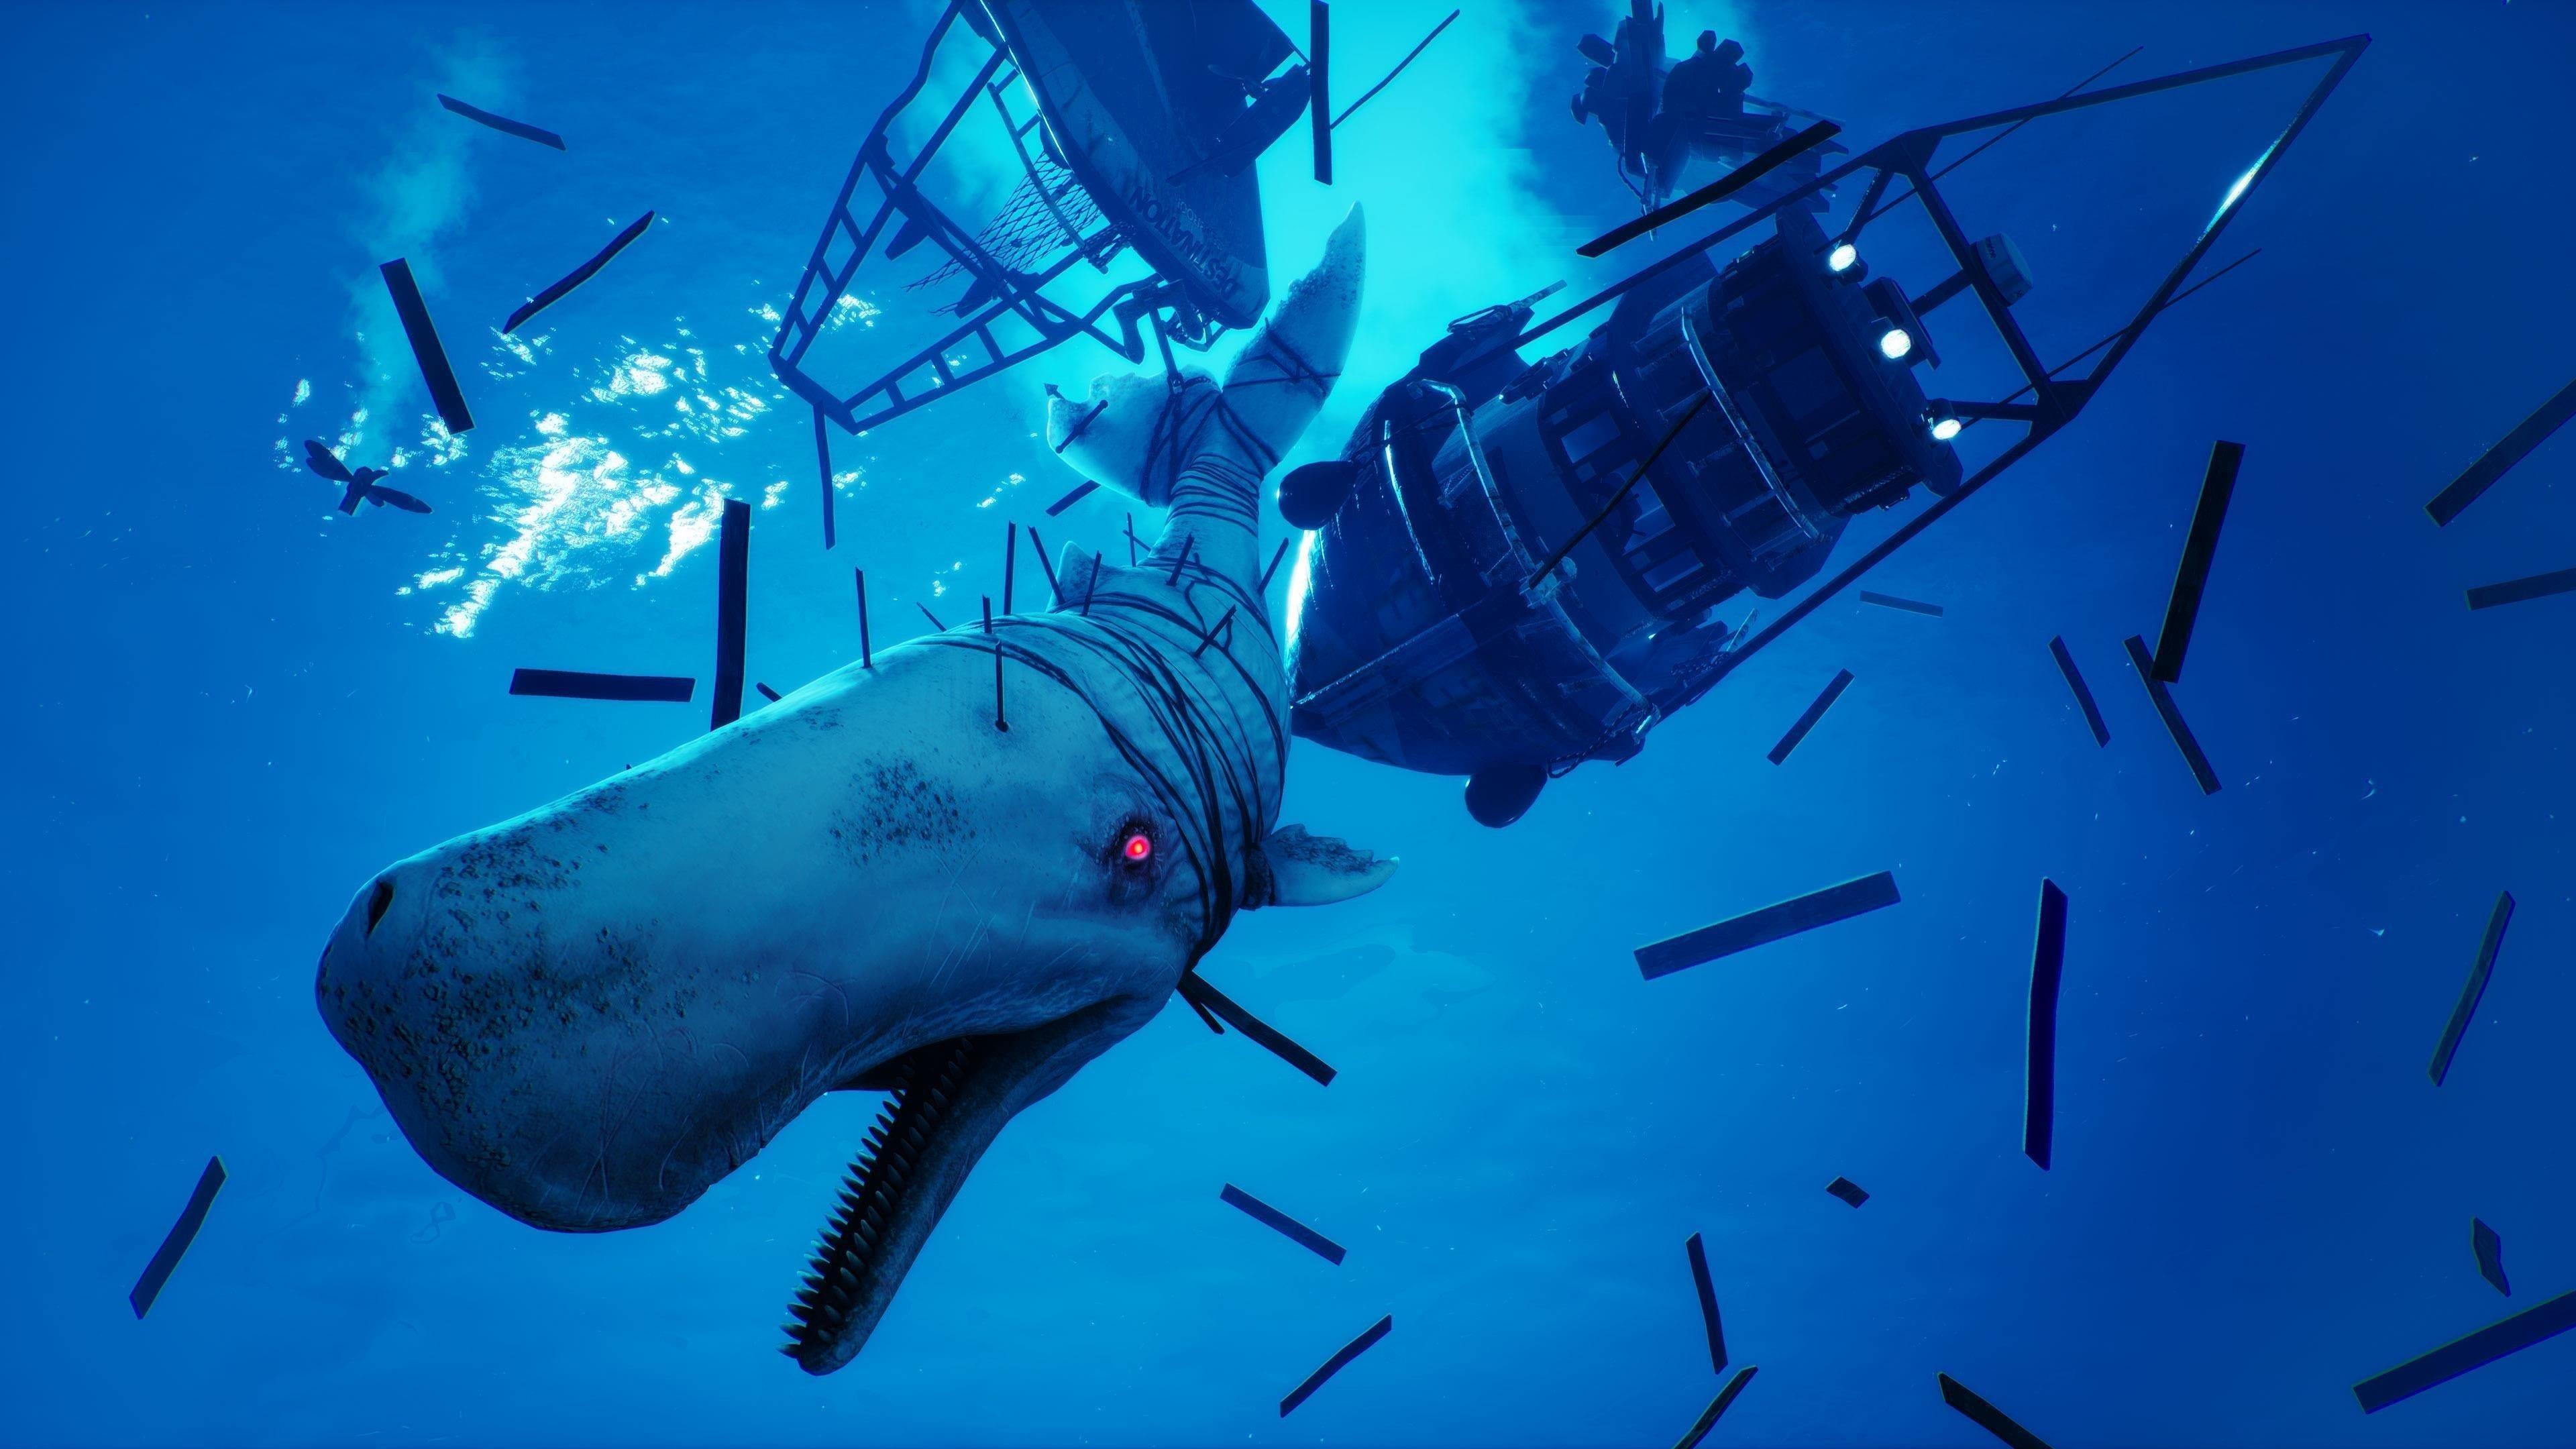 Охотьтесь в открытом море как гипер эволюционировавшая супер акула в людоеде обои скачать